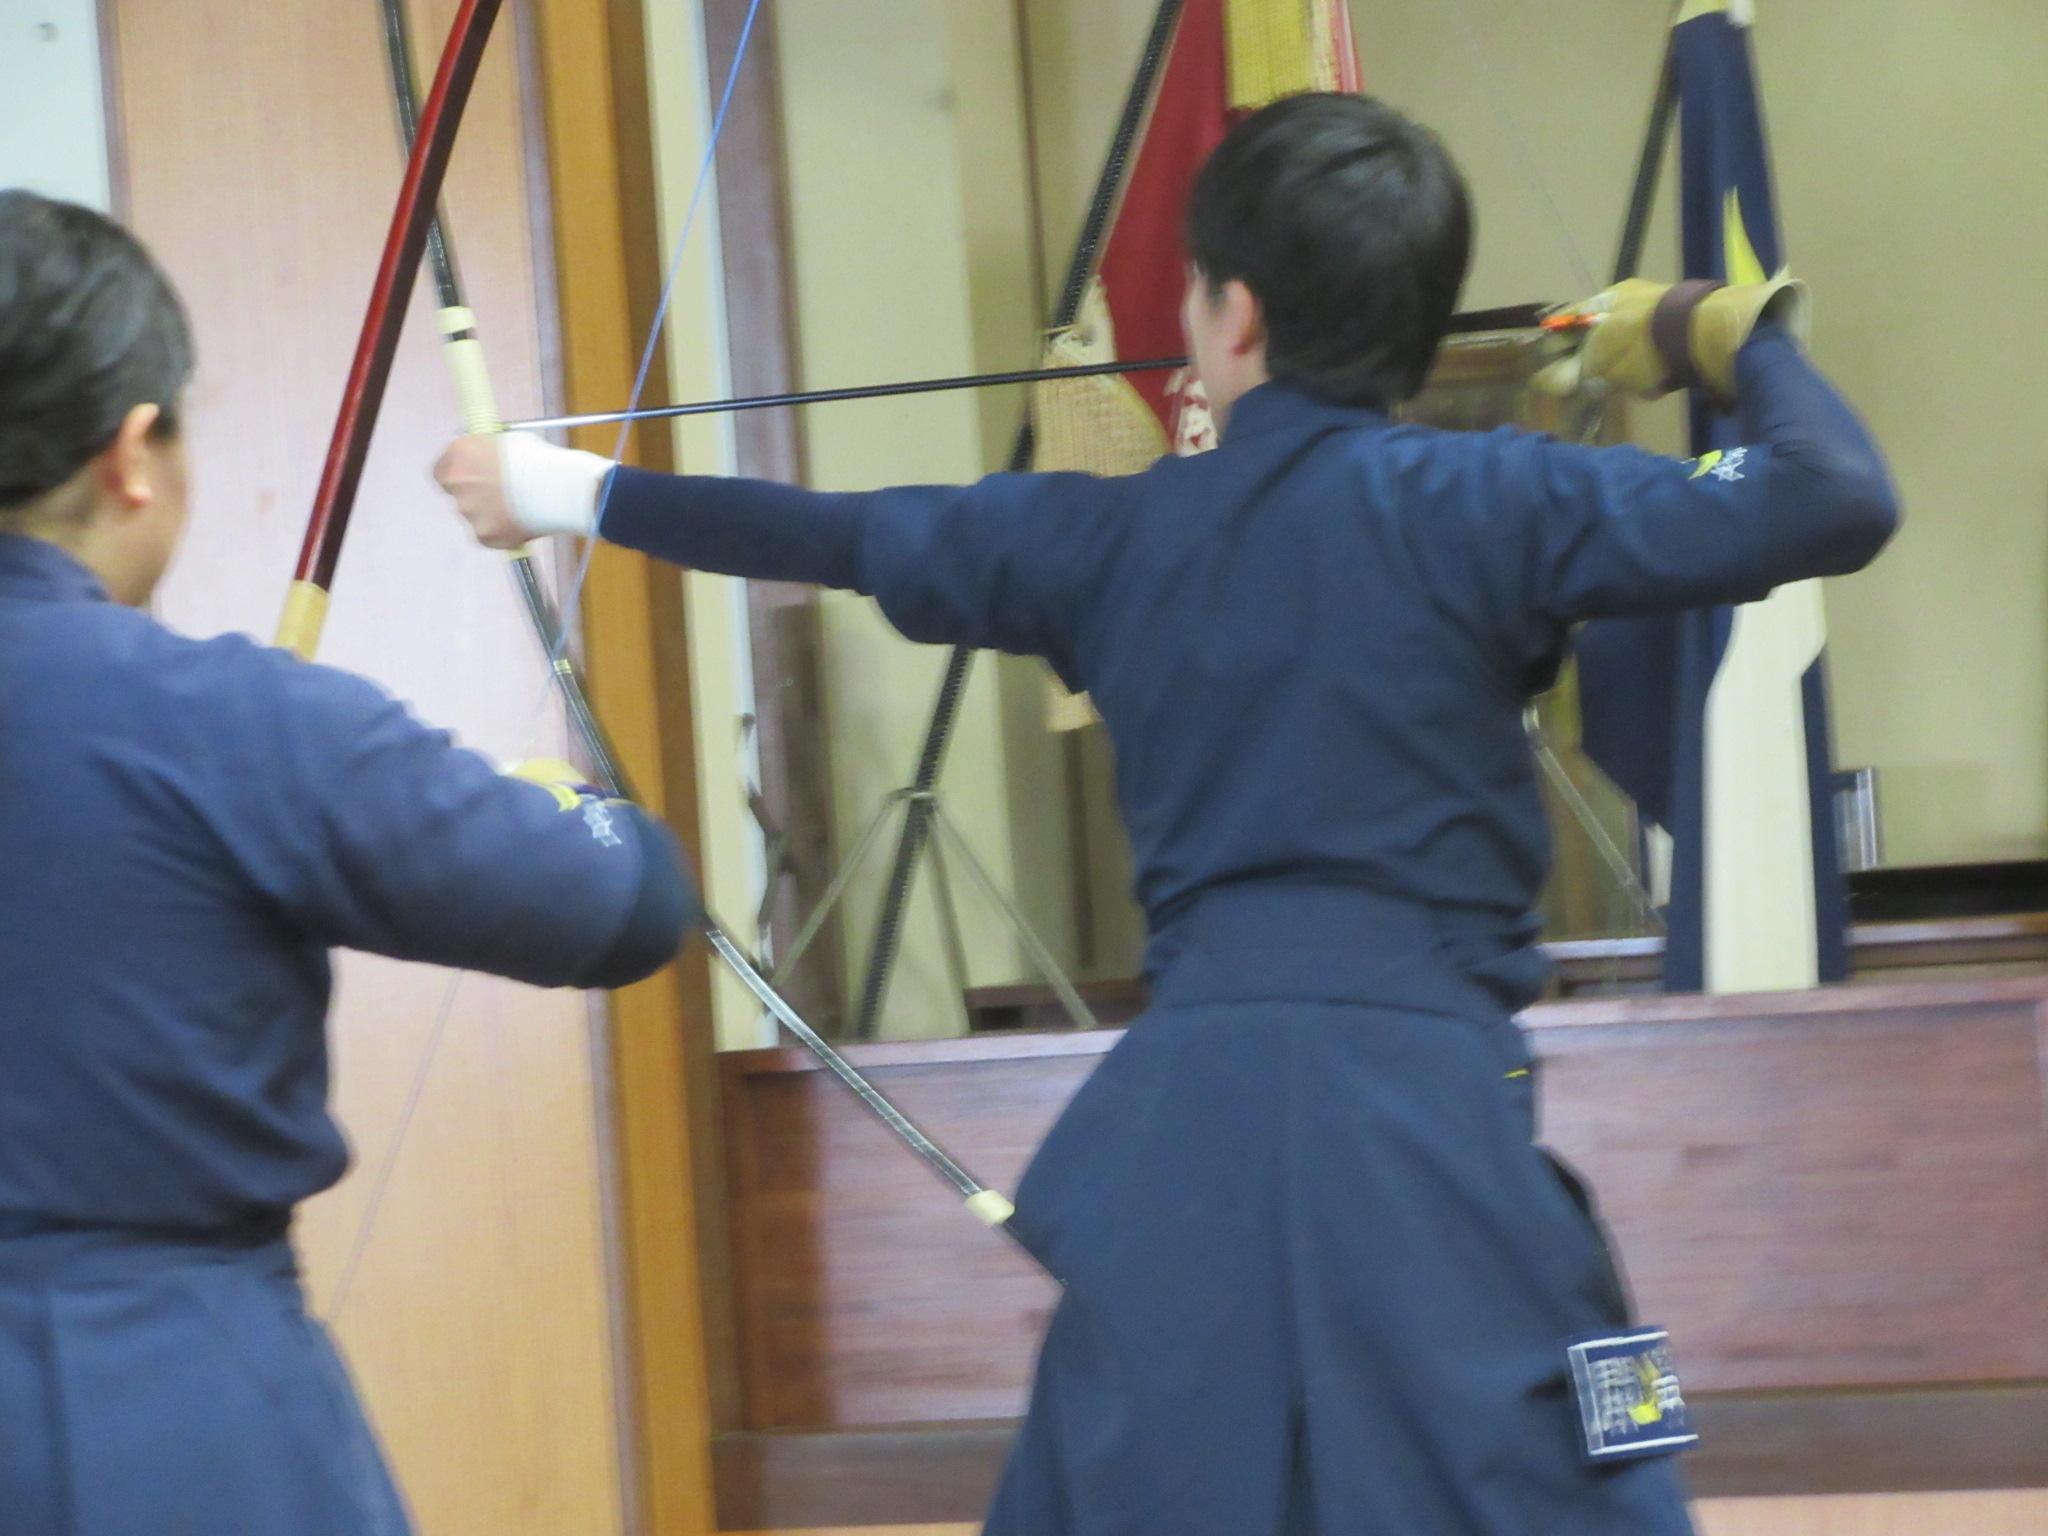 大前 平山(1)山口県立柳井高校出身 公式戦デビュー